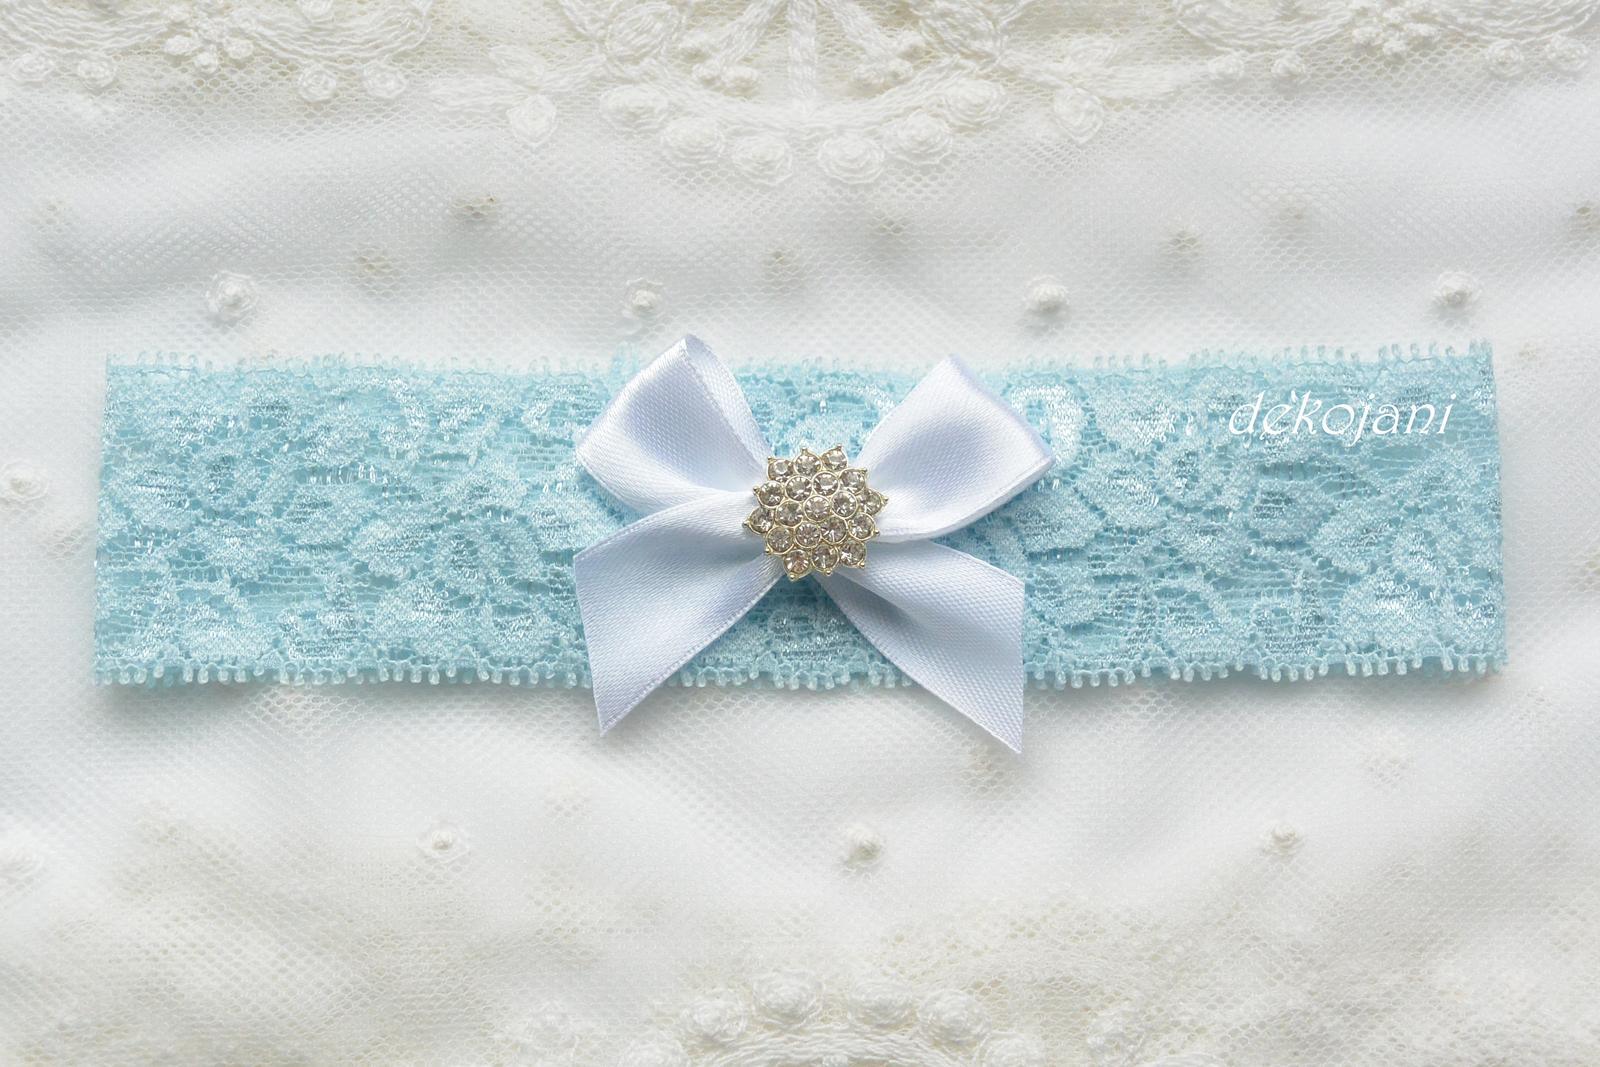 Luxusní svatební doplňky a dekorace. - Obrázek č. 20